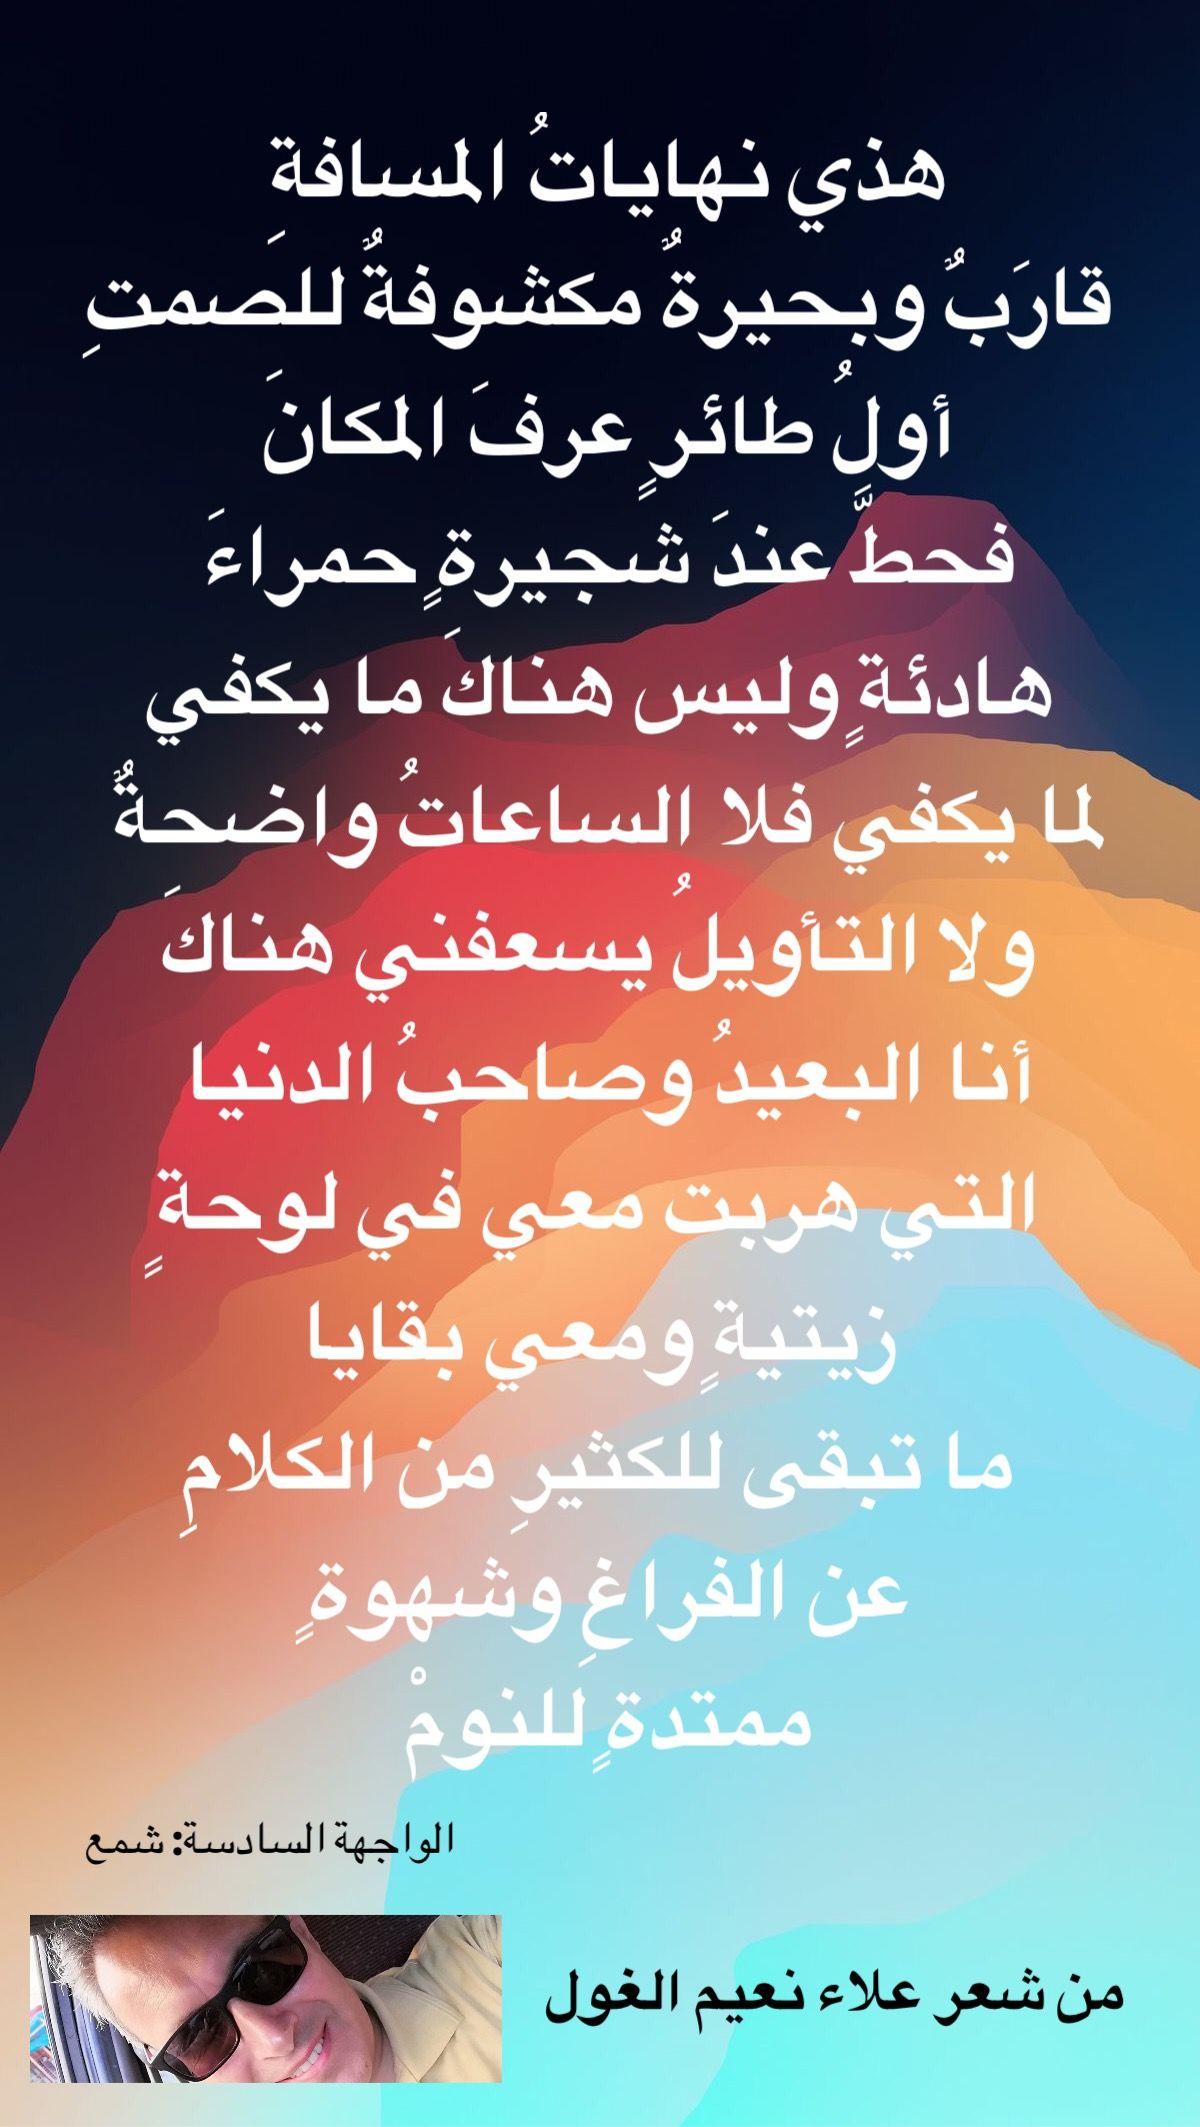 Pin By علاء نعيم الغول On علاء نعيم الغول Arabic Calligraphy Calligraphy